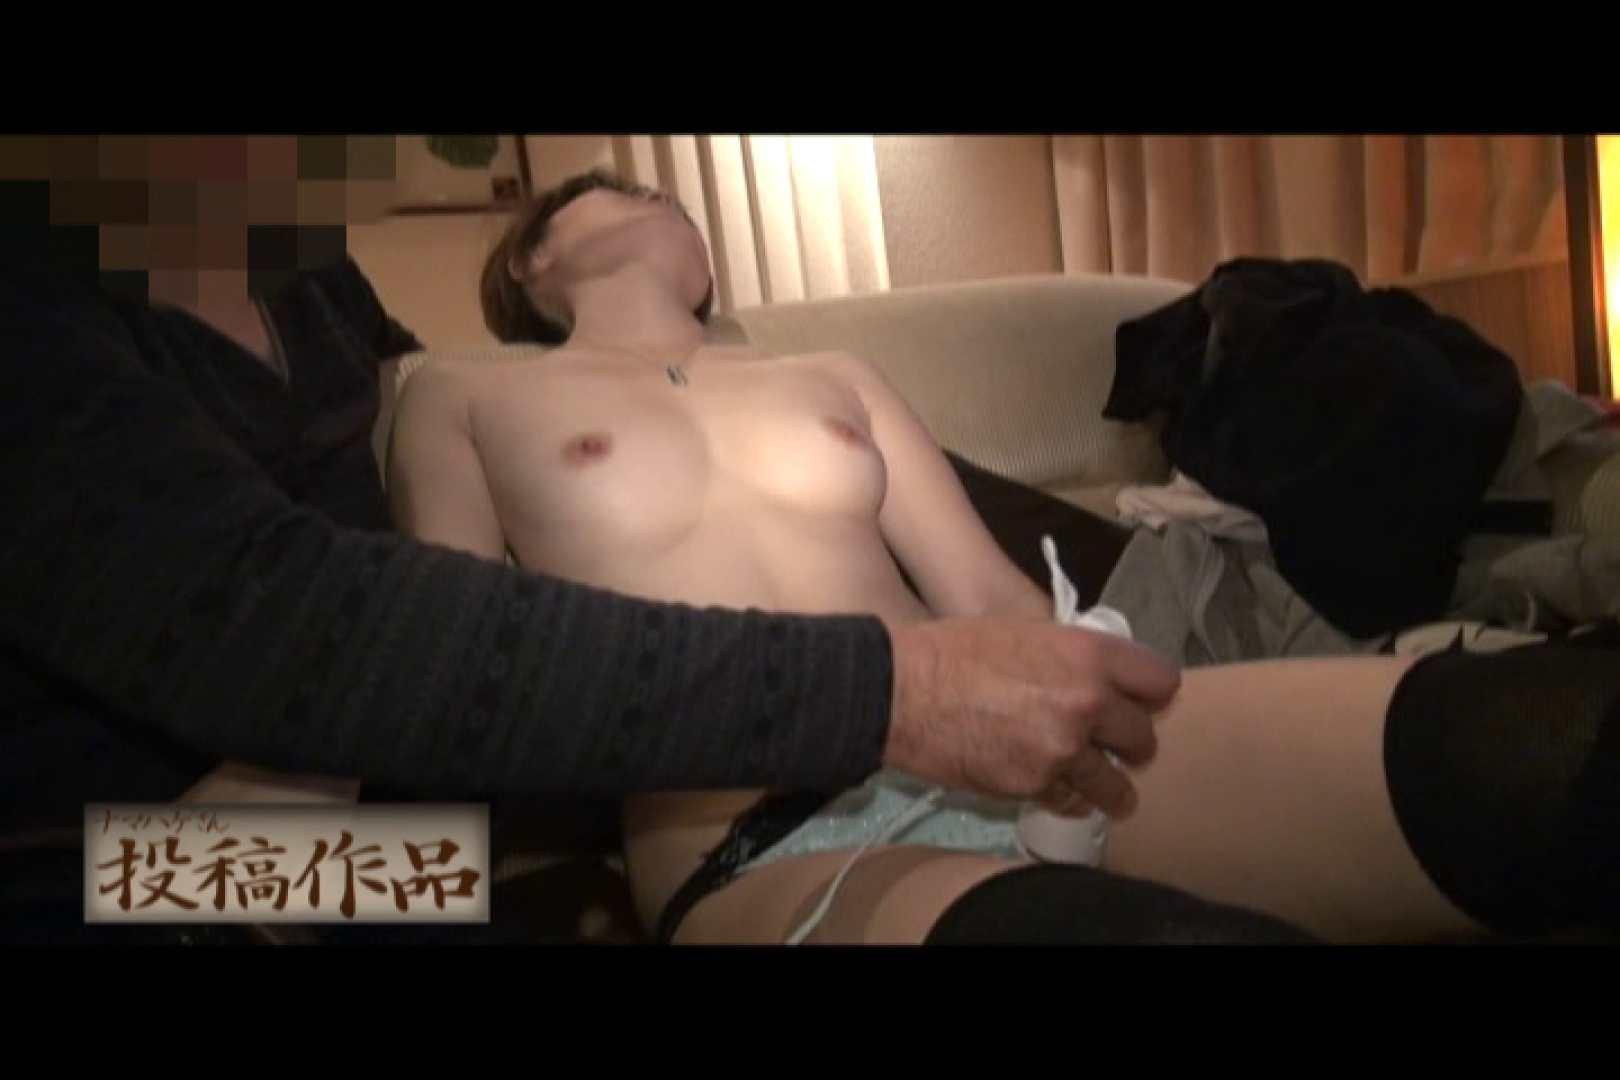 ナマハゲさんのまんこコレクション sakura 盗撮  82pic 39